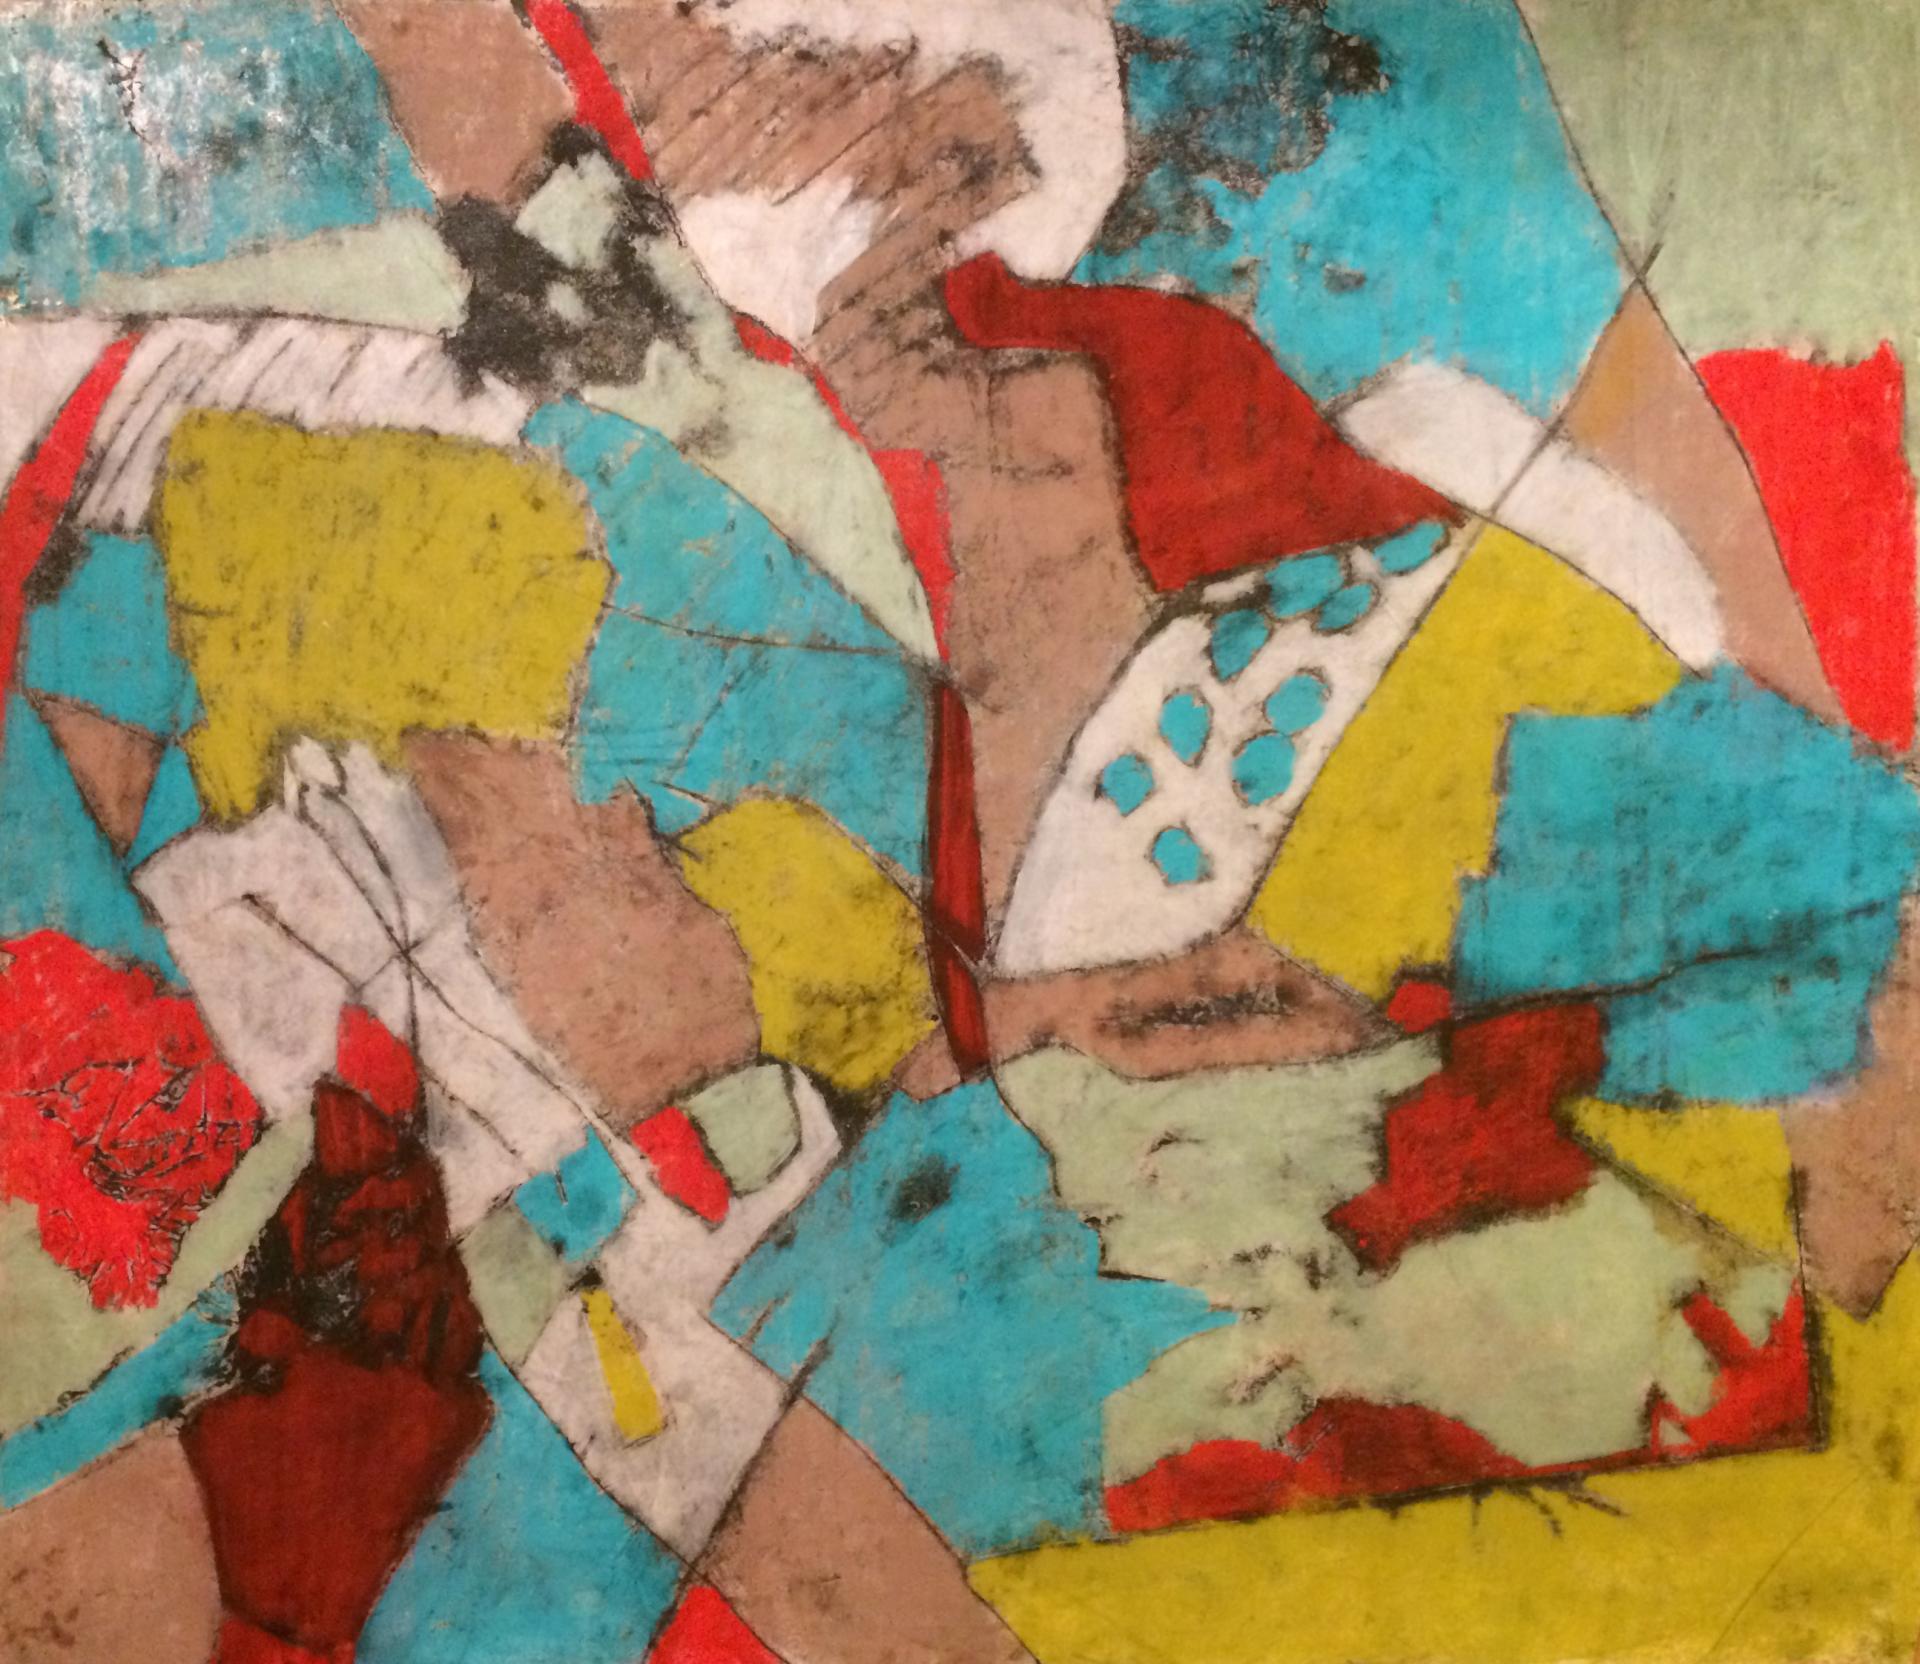 20170113 100x115 cm encre et pastels secs